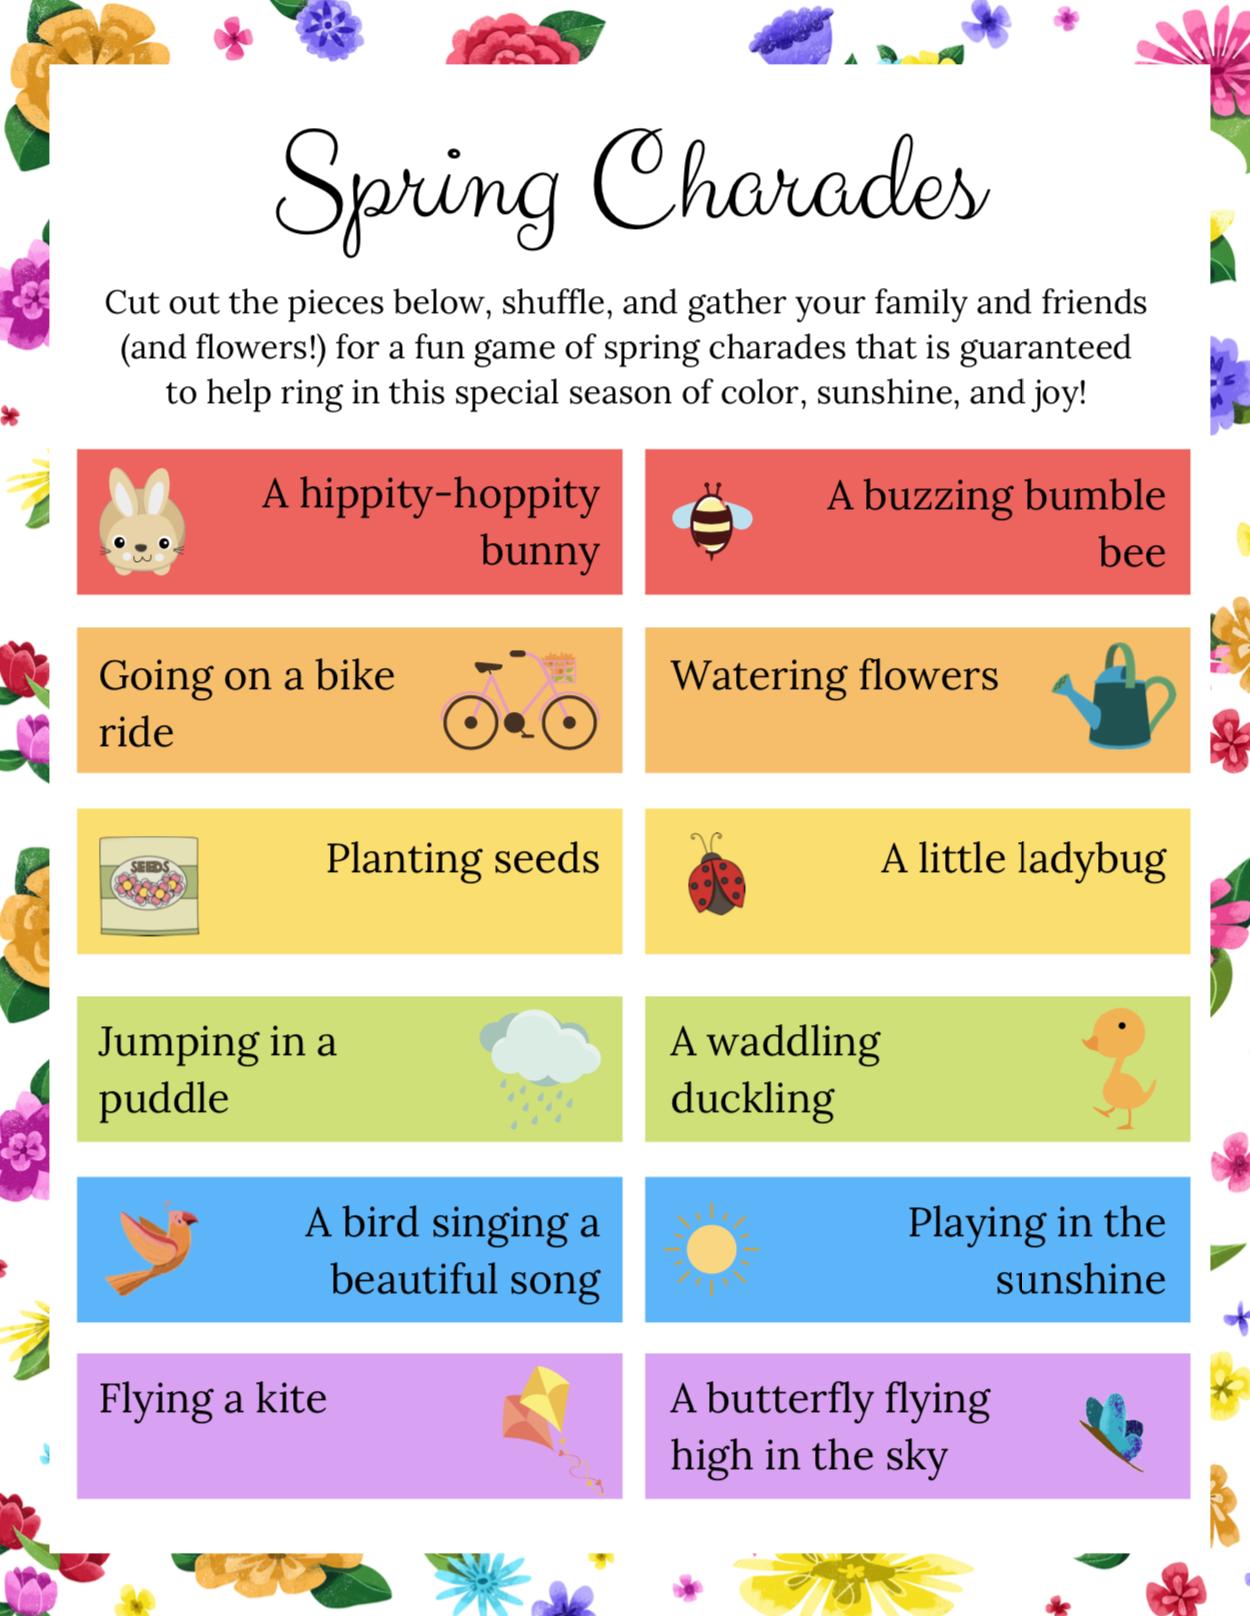 Poppy & Posie's Spring Charades - The Blossom Shoppe